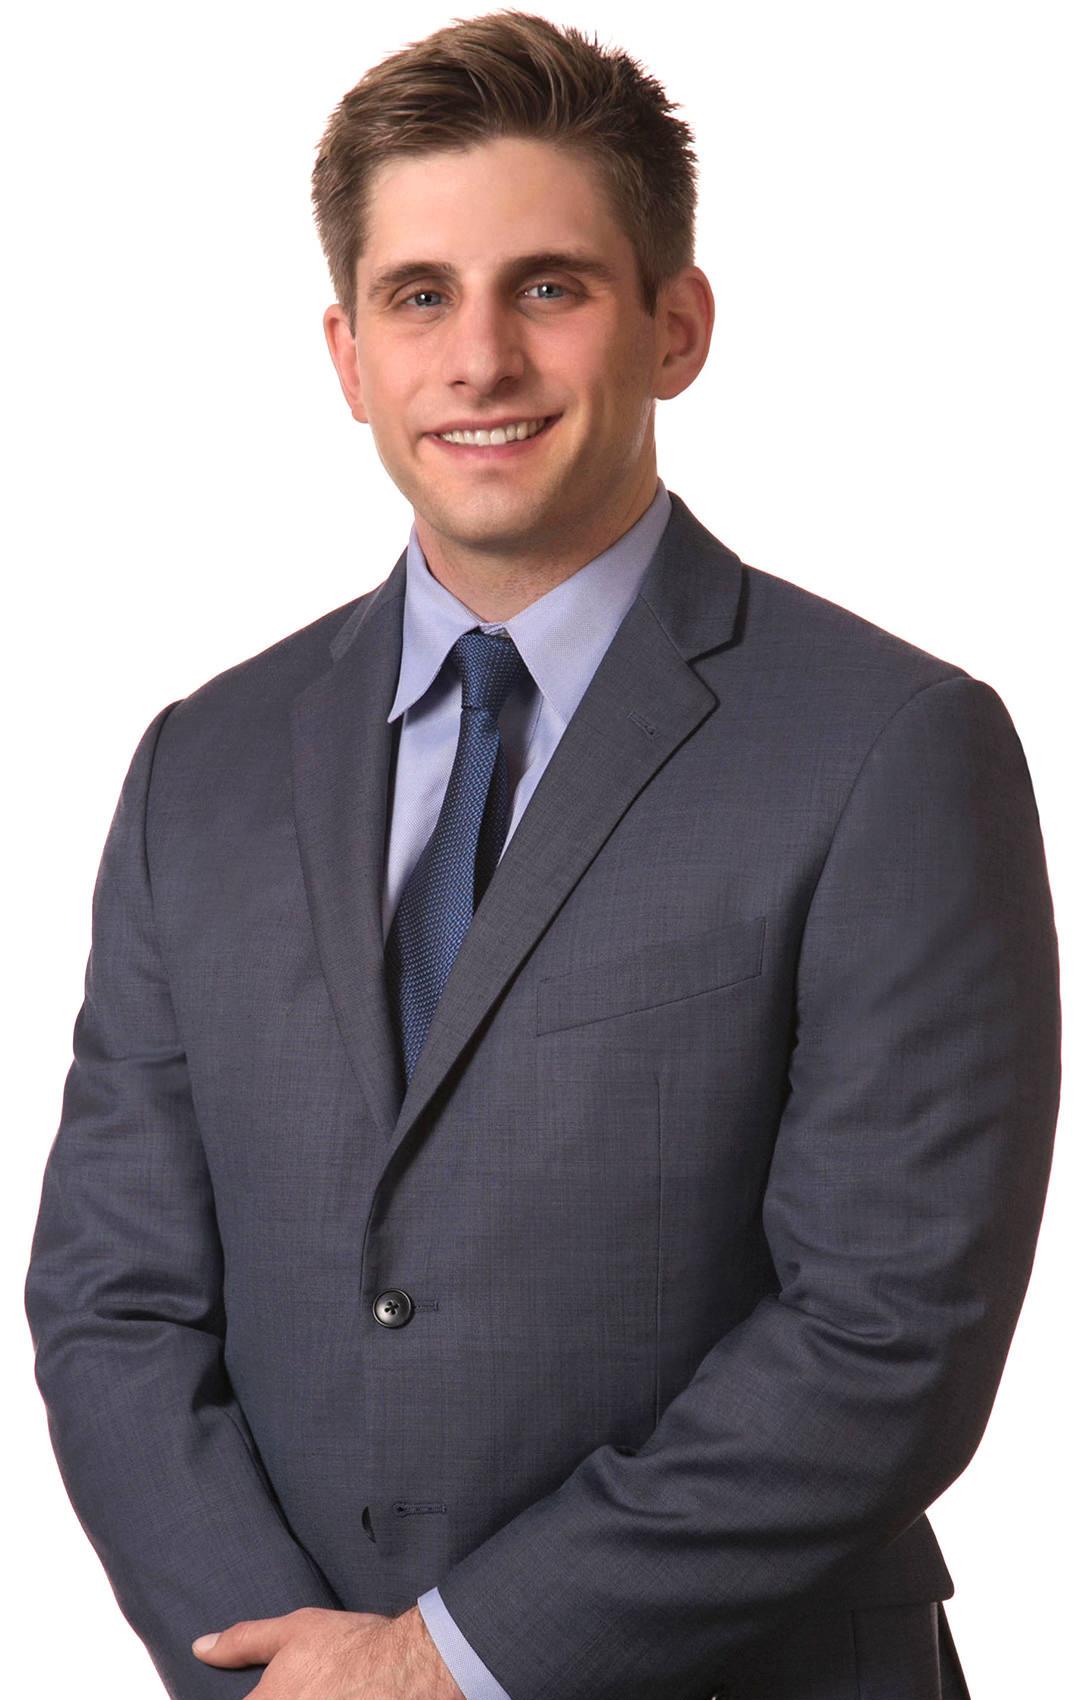 Joseph B. Damon